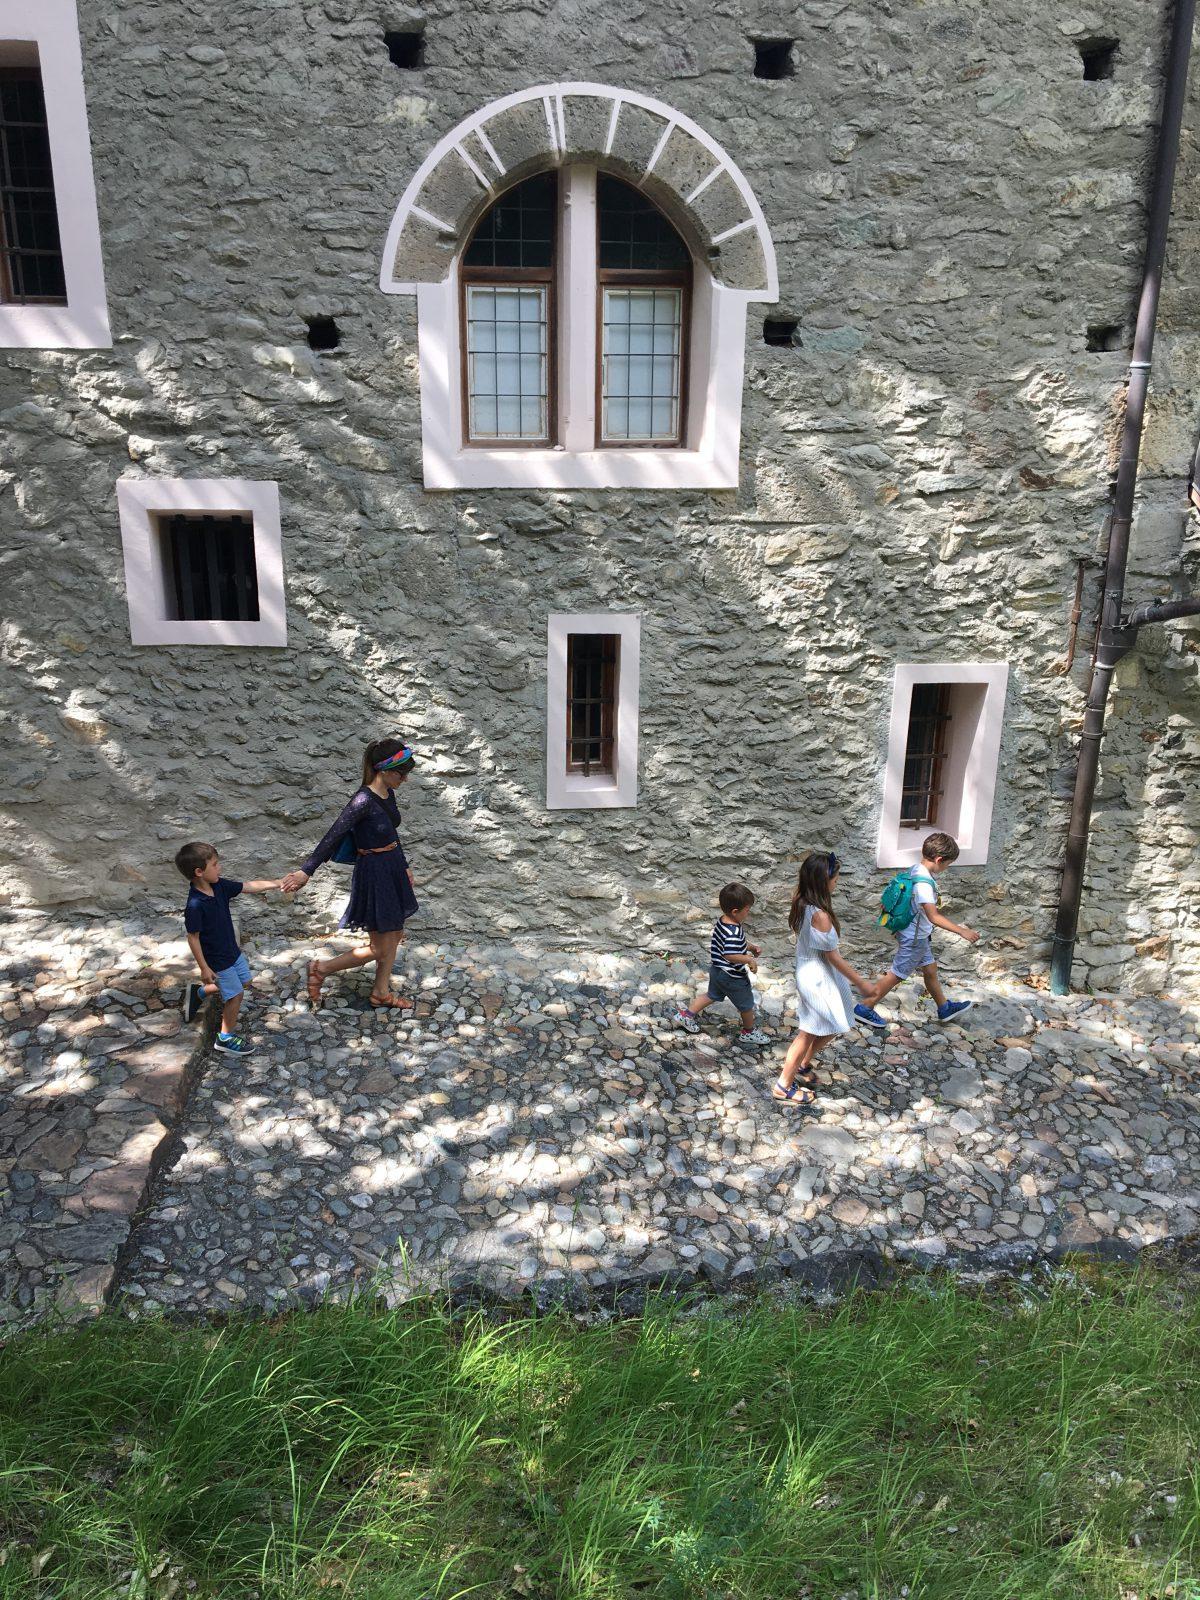 escape game jeu evasions sion blog thereseandthekids suisse famille nombreuse